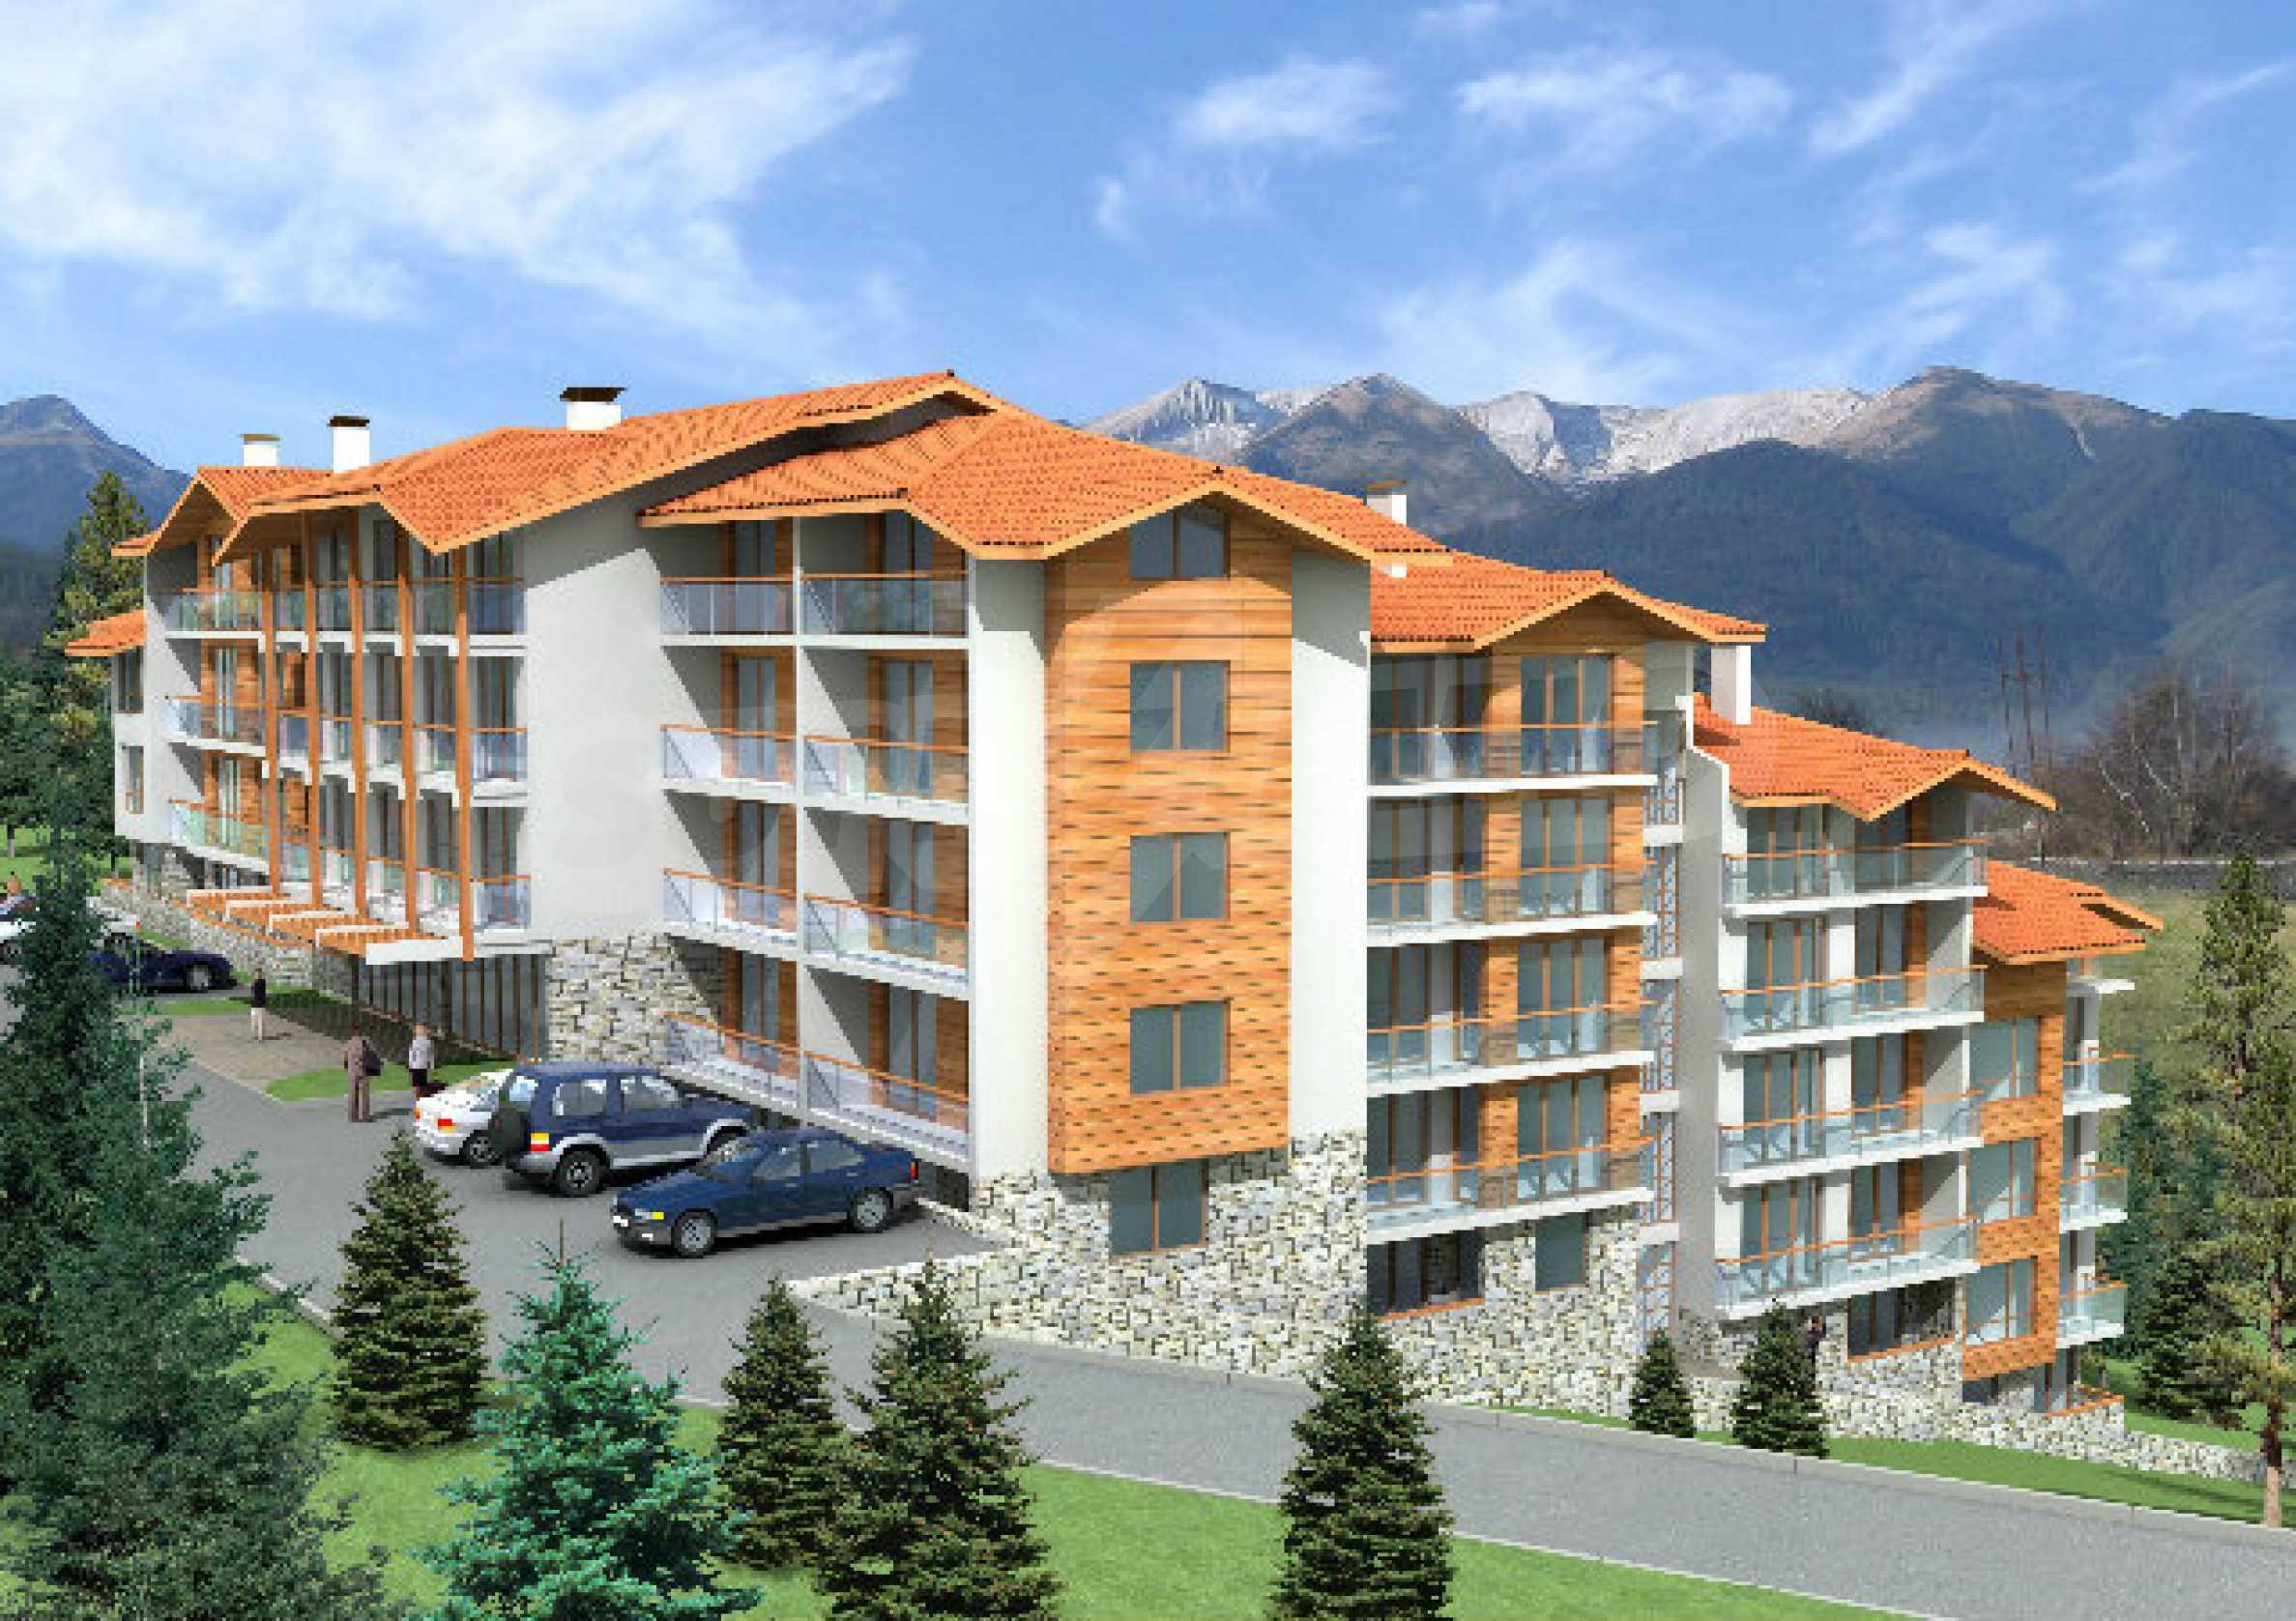 Geregeltes Grundstück mit Investitionsprojekt für den Bau eines Aparthotels in Bansko 3